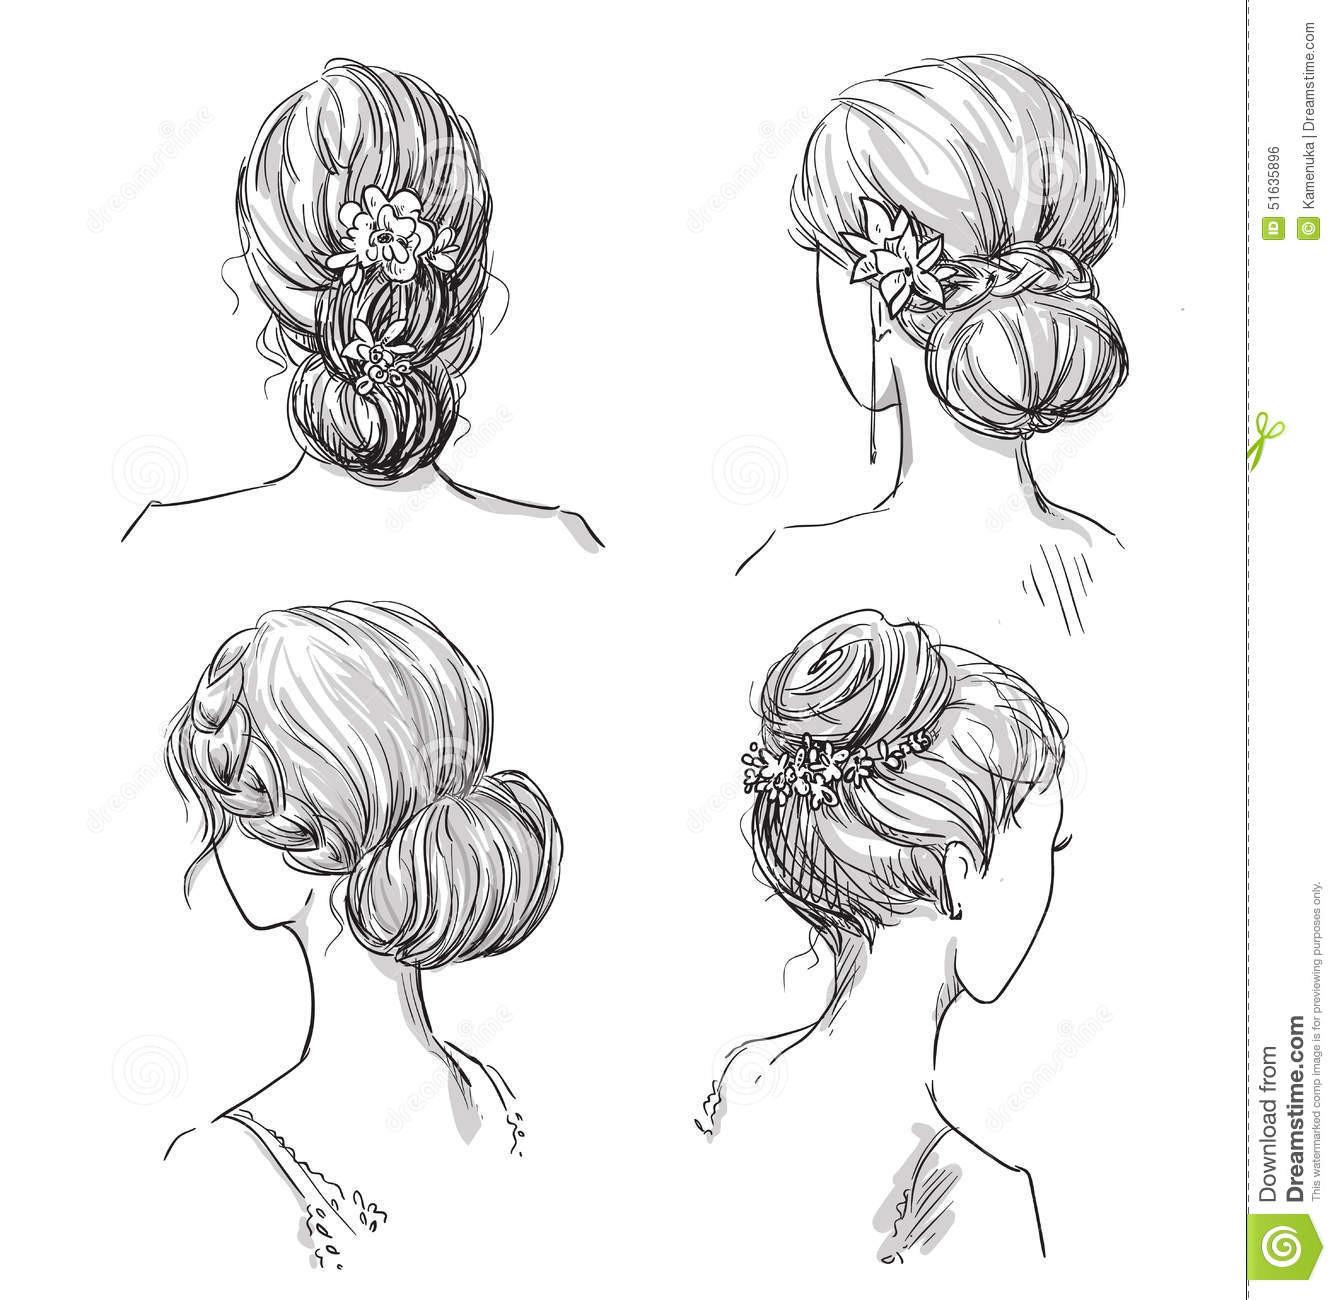 Gezeichnete Frisuren  Set Frisuren Brautfrisur Hand Gezeichnet Vektor Abbildung